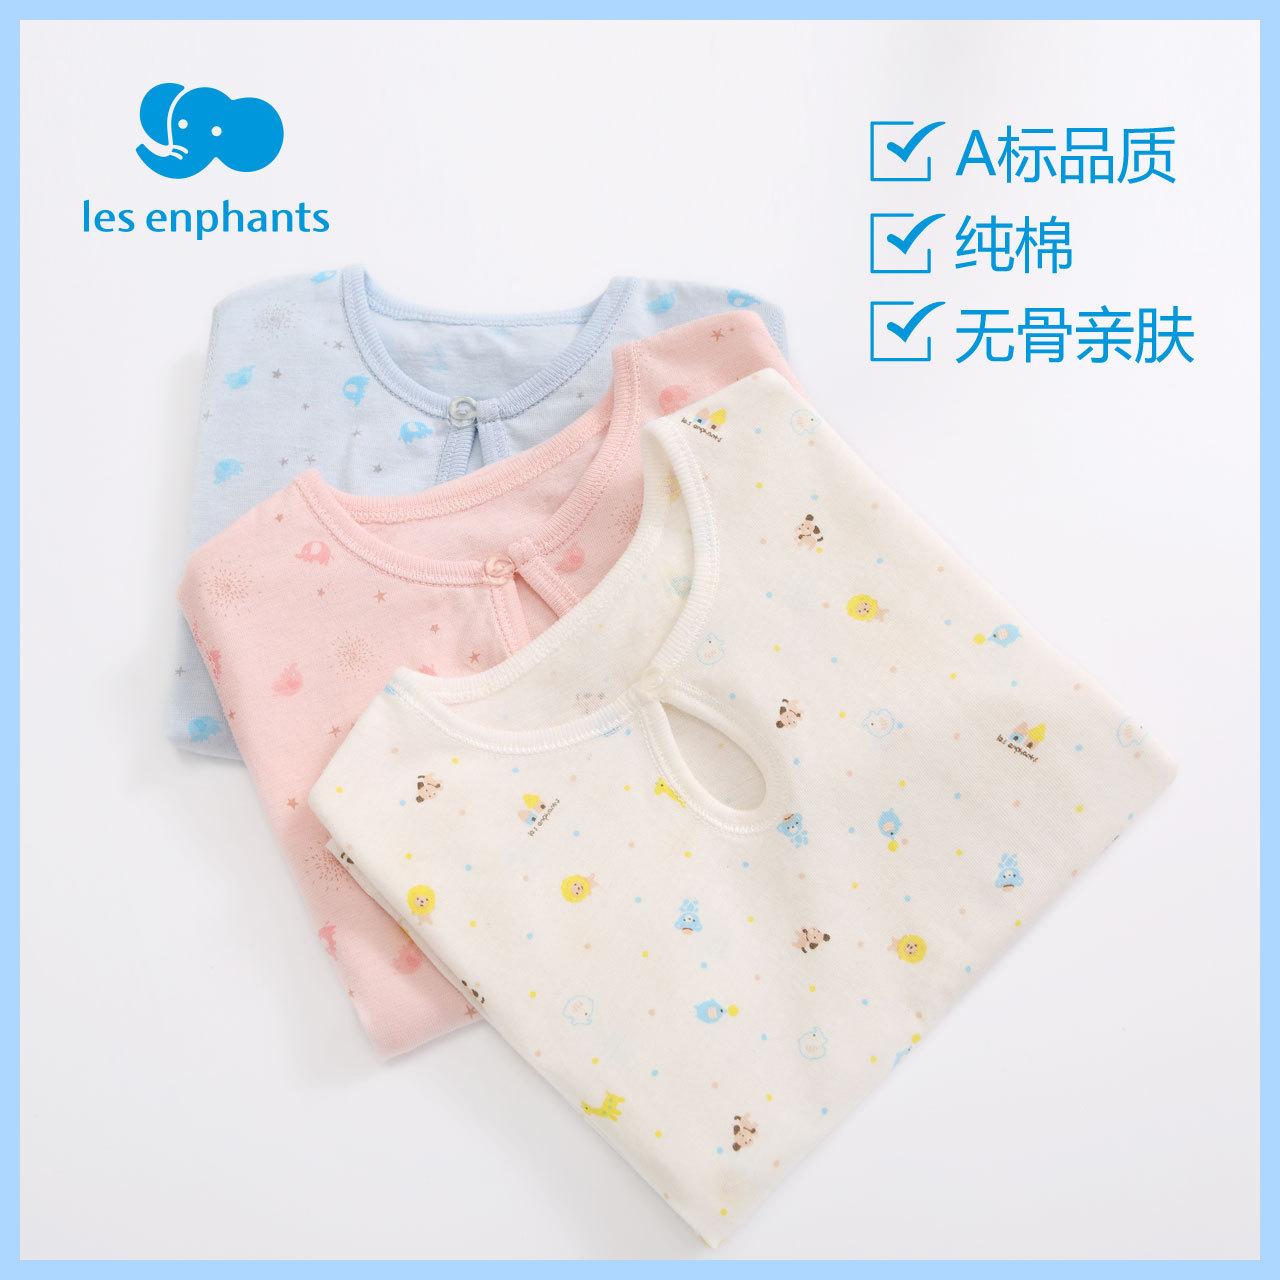 Les enphants 丽婴房 儿童纯棉短袖内衣套装 *2件 94.4元(合47.2元/件)